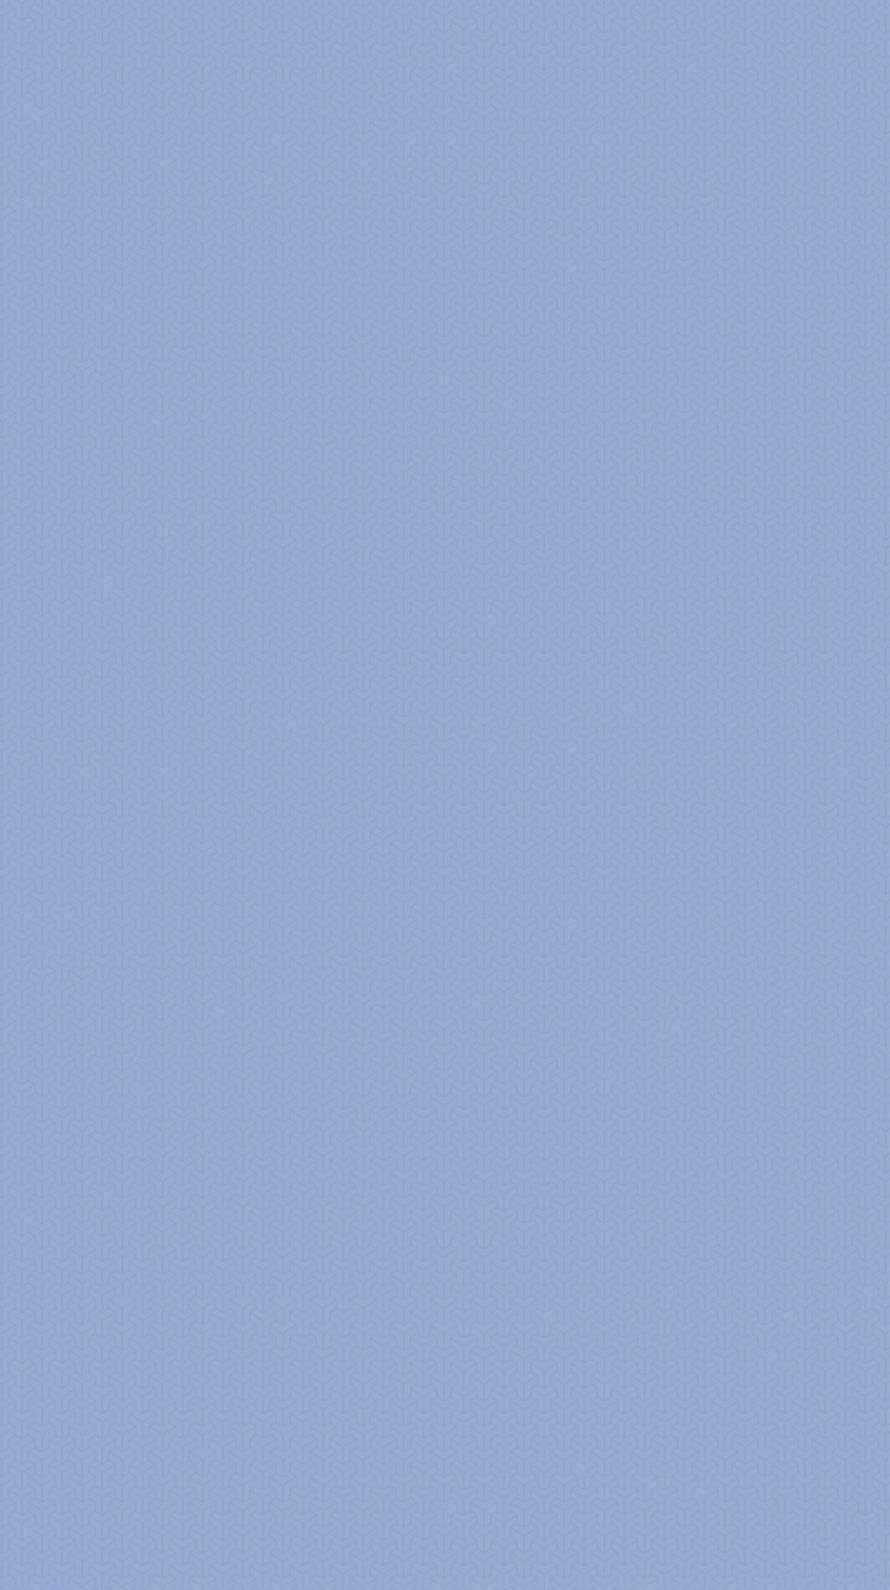 薄いフラットブルー iPhone6壁紙